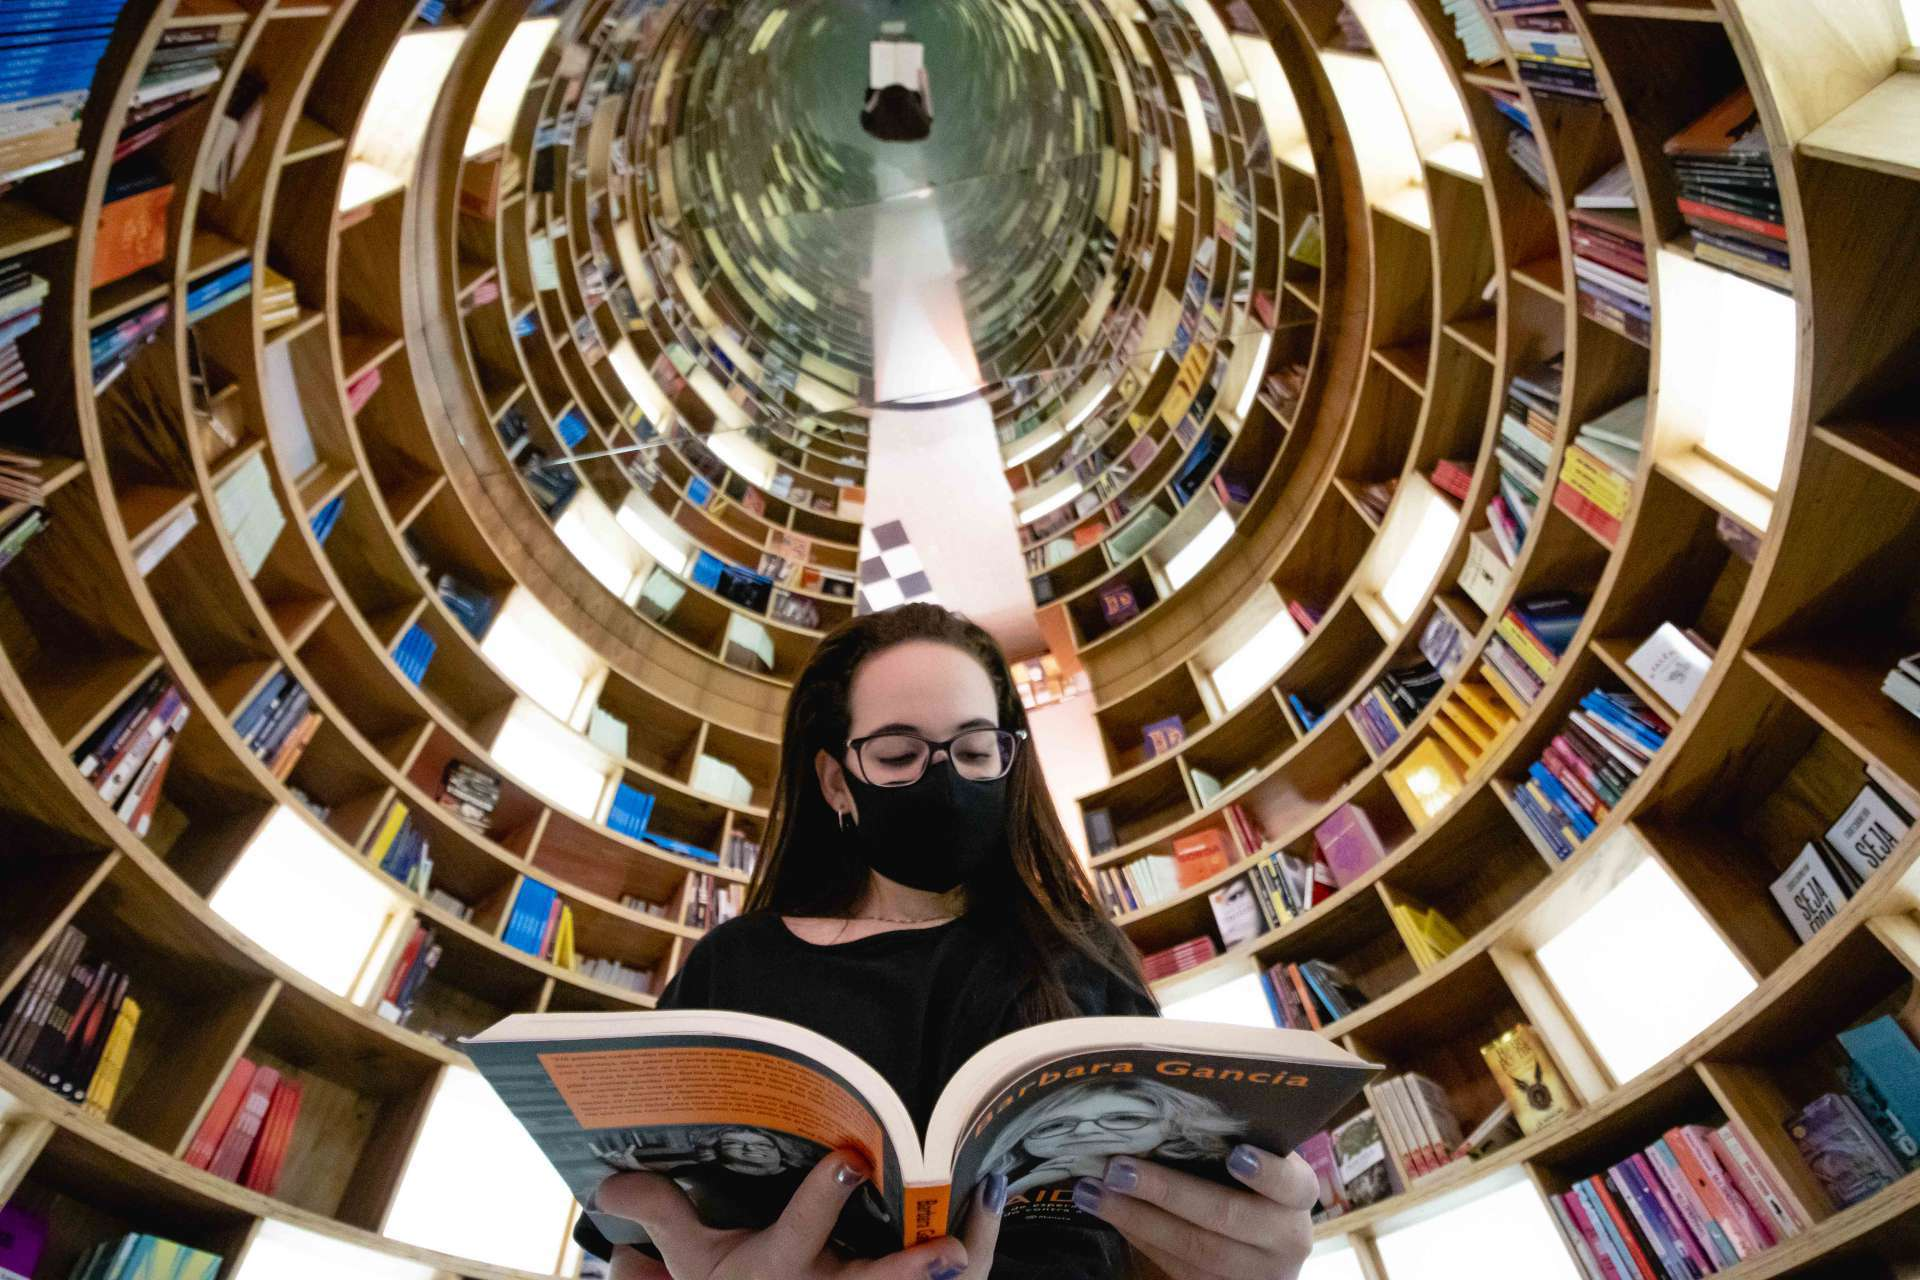 4,6 milhões de pessoas deixaram o hábito de leitura em quatro anos. (Foto: Aurélio Alves / O Povo)